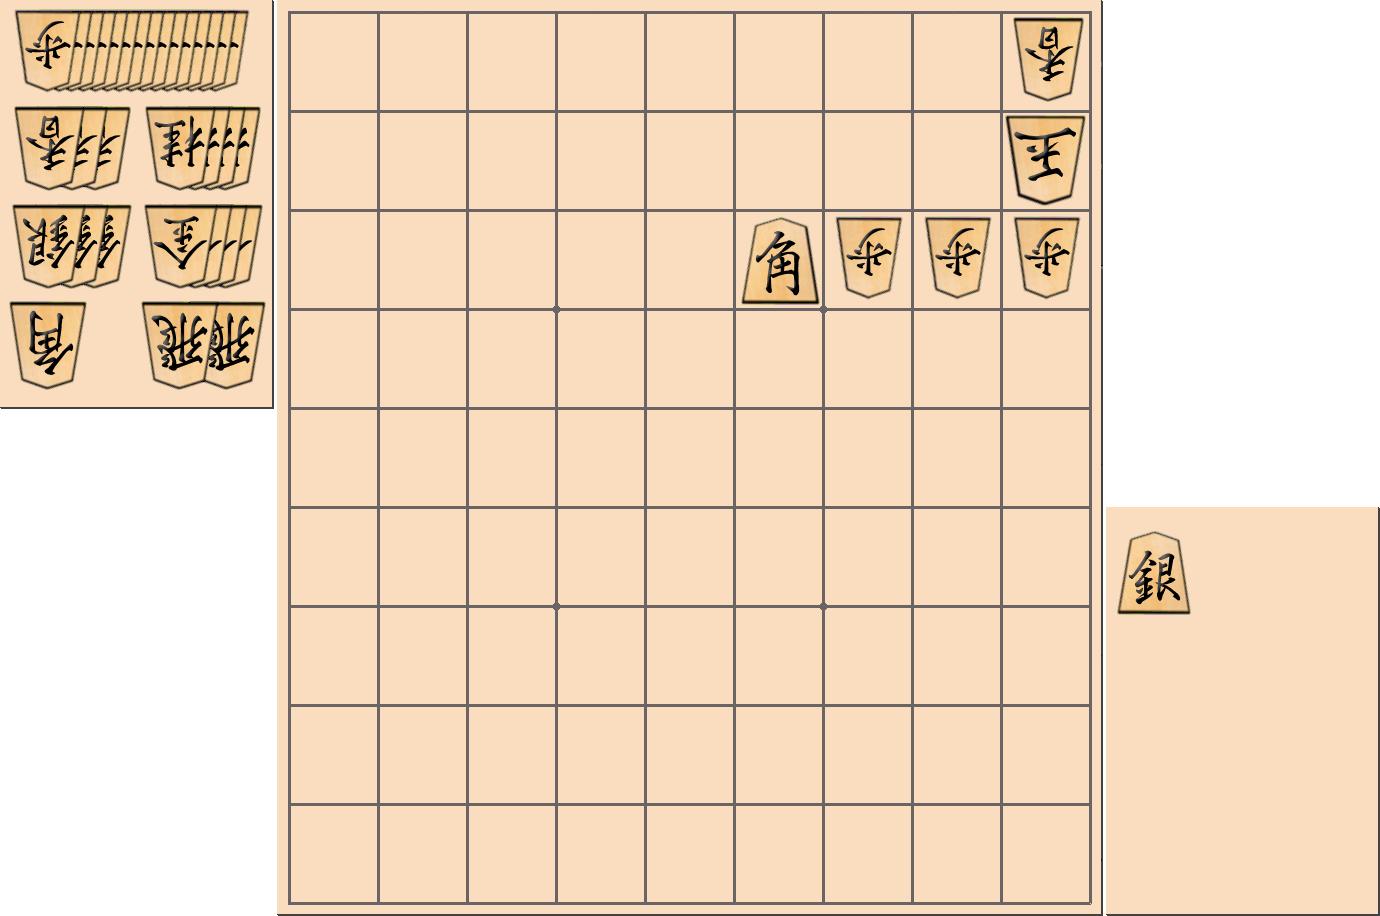 詰将棋:3手詰の問題と解答・解説(第1問)|将棋講座ドットコム